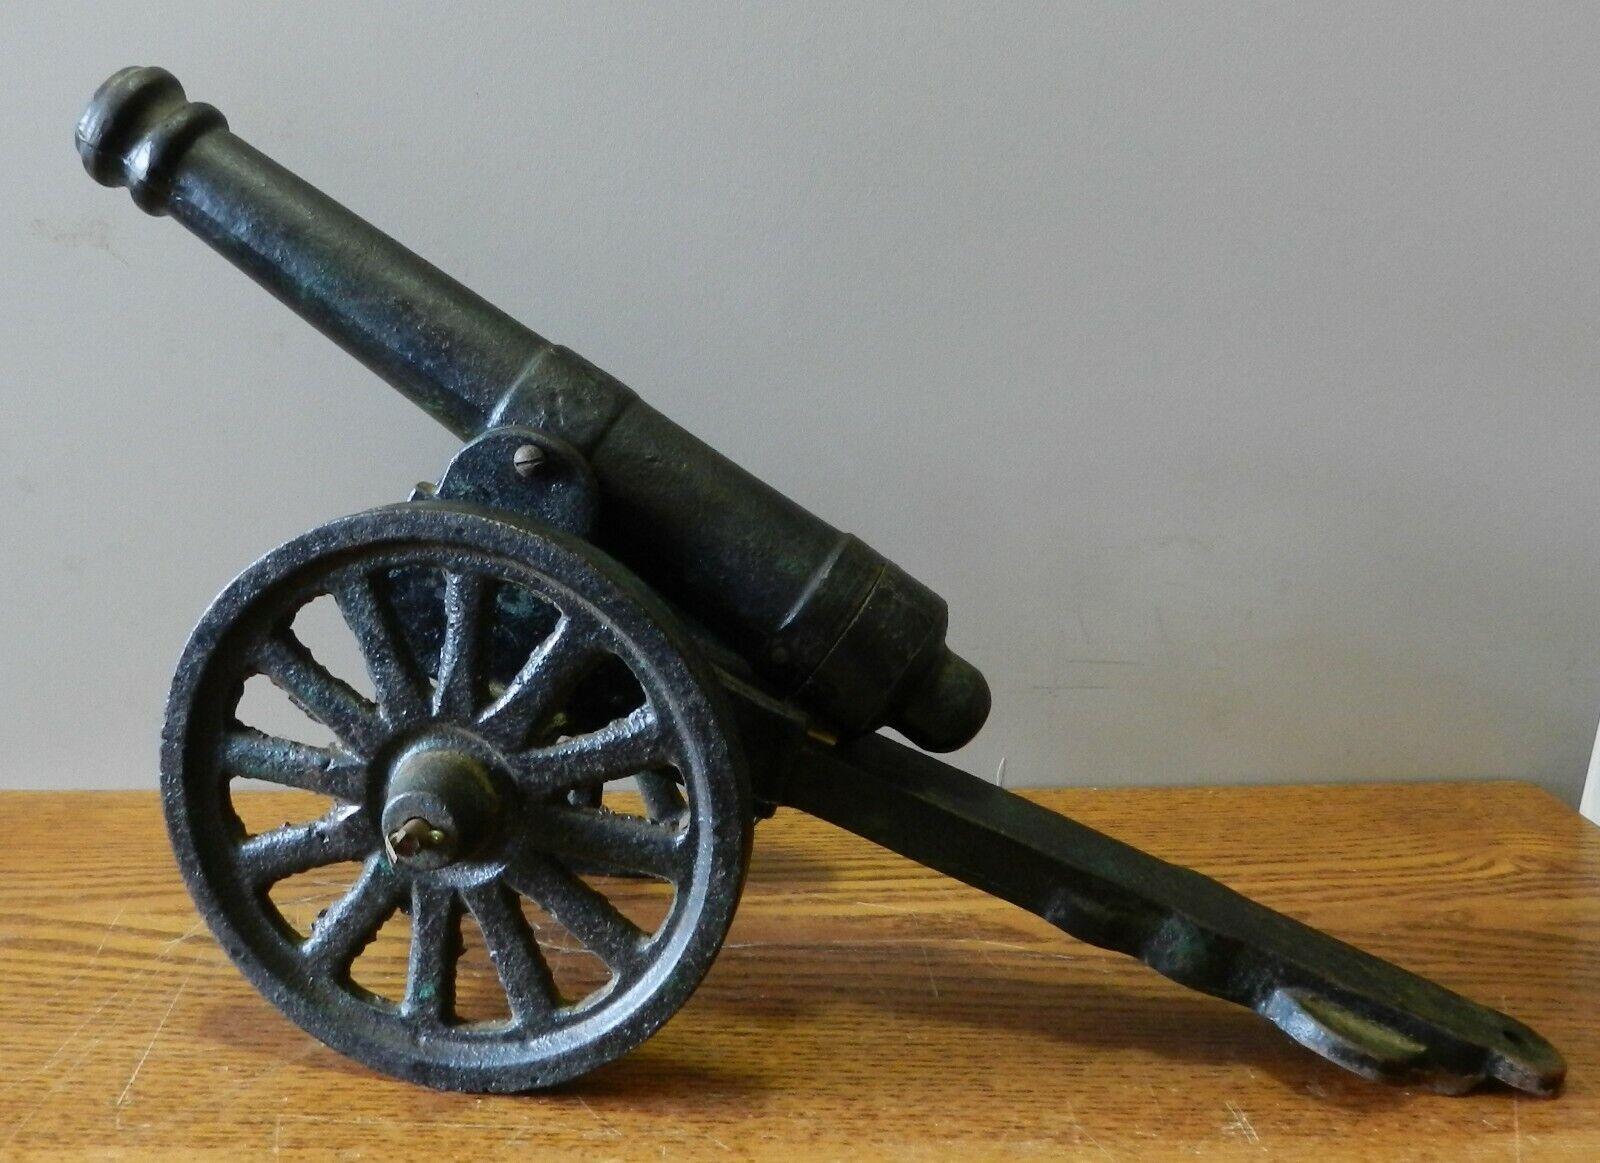 Antique Fonte Métal Jouet  Canon With 10   Long Baril 16   Longueur Totale  édition limitée